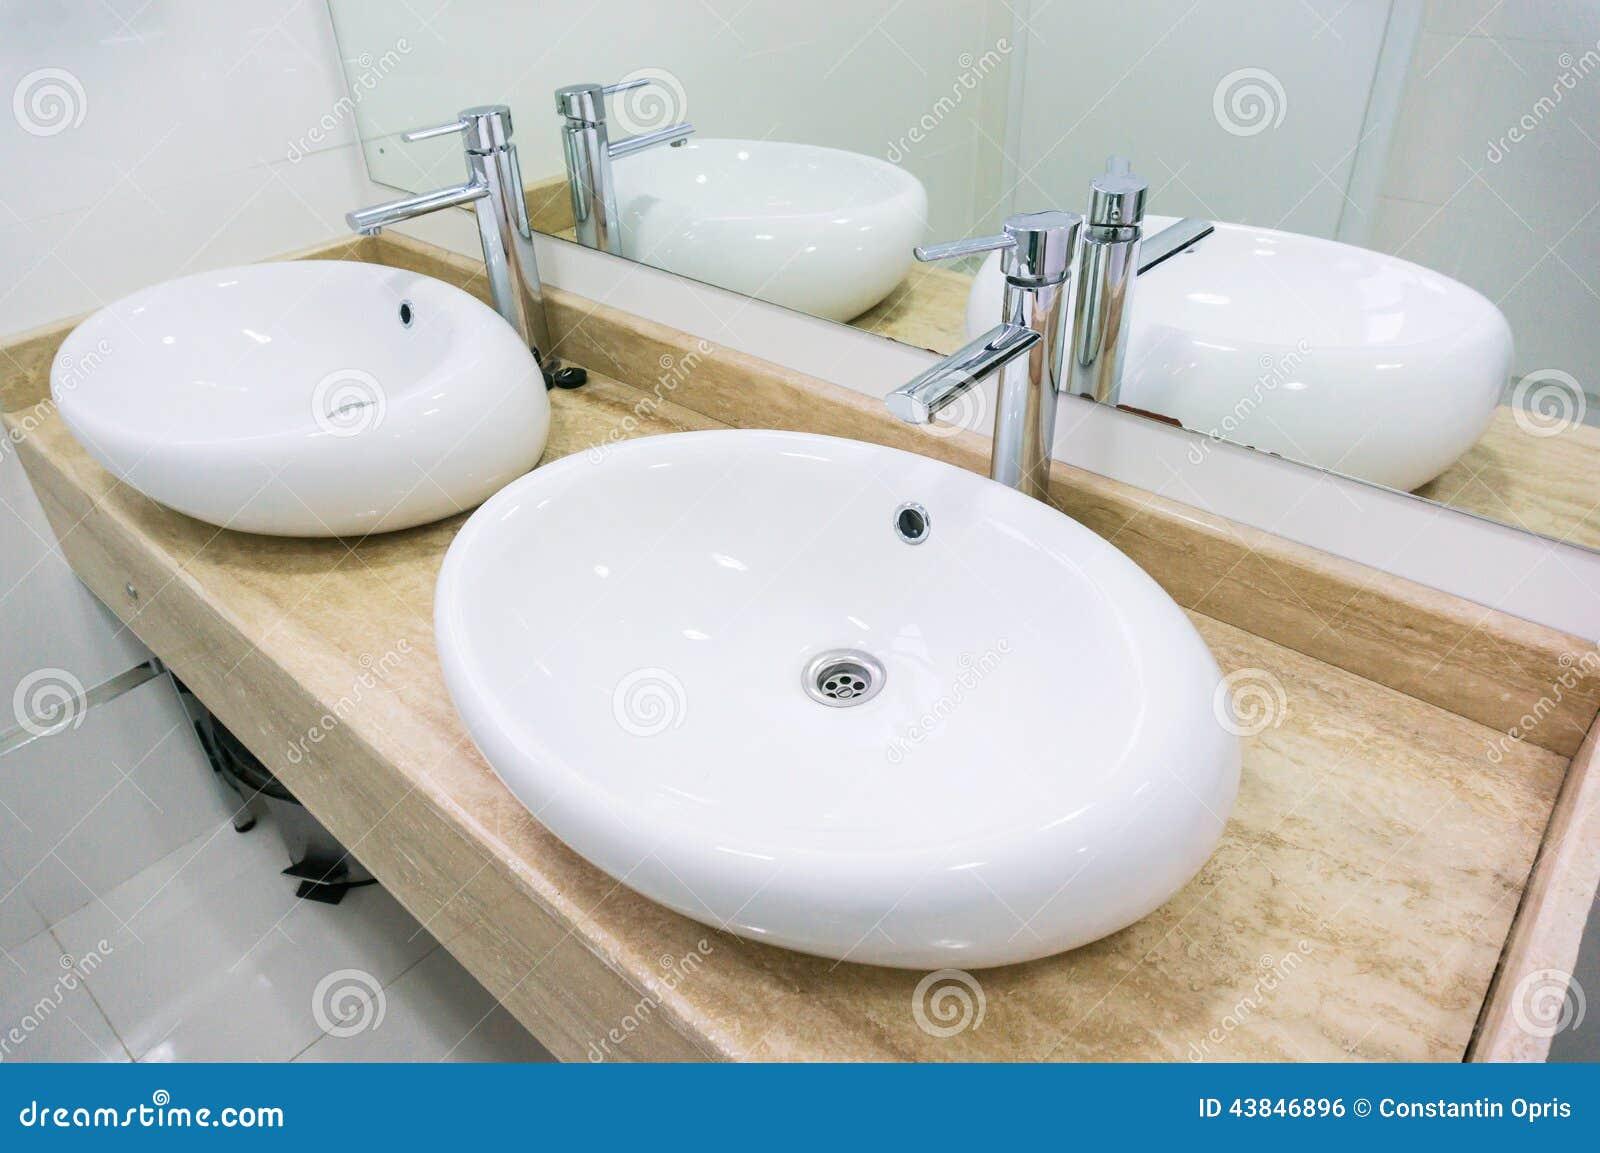 Doppio lavandino in ristorante fotografia stock immagine - Lavandino bagno doppio ...